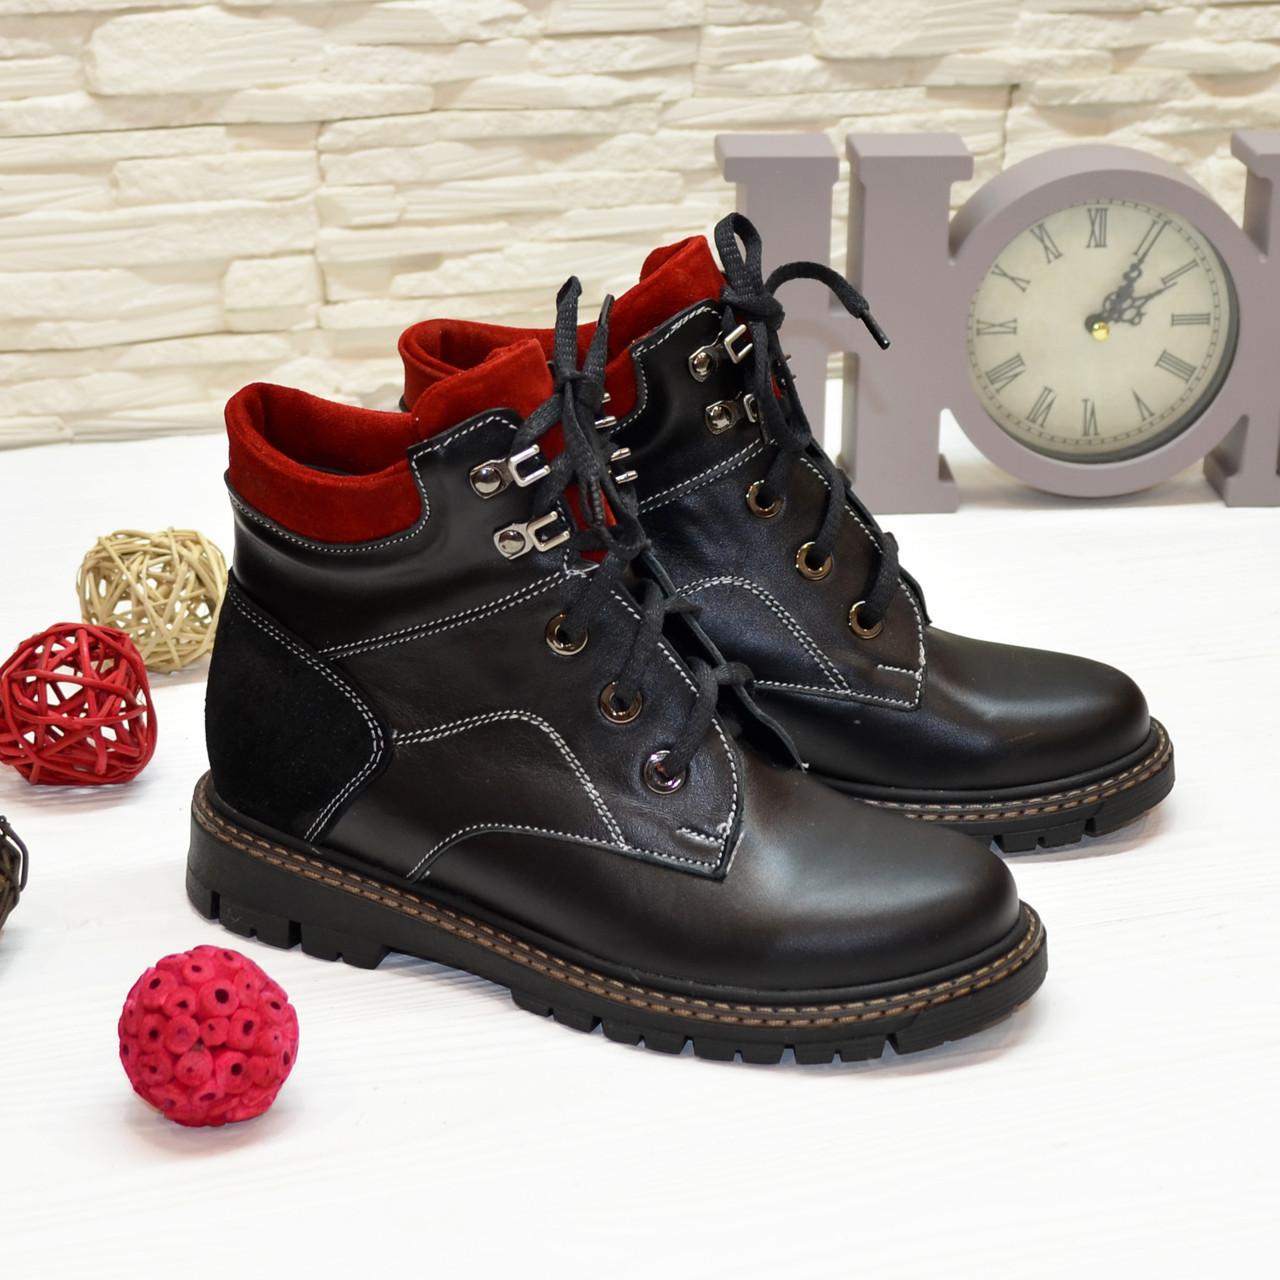 Ботинки подростковые комбинированные для мальчика, черно-красного цвета. 35 размер